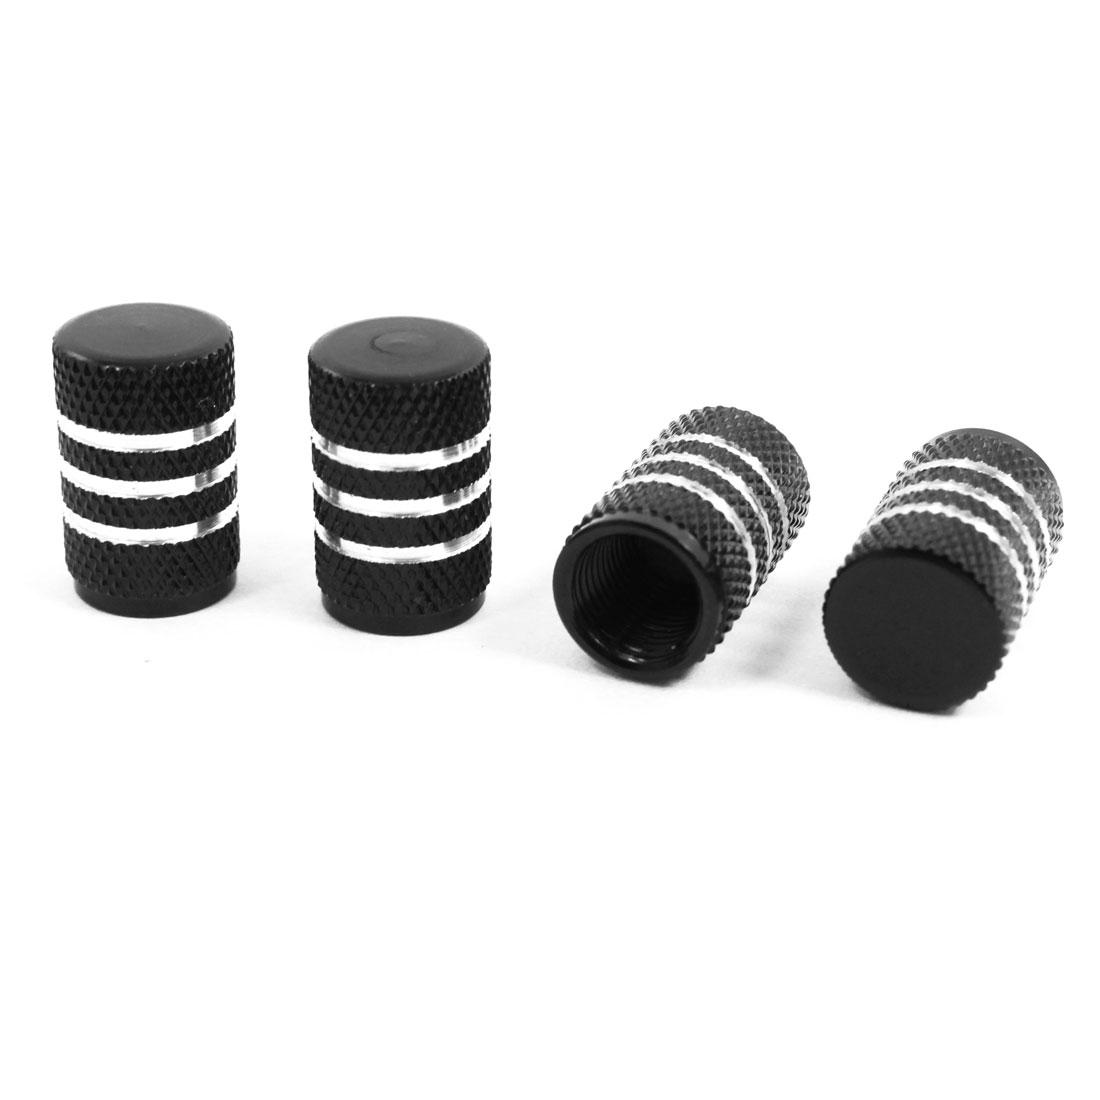 4 Pcs Black Alloy Car Vehicle Tyre Tire Valve Stem Decorative Dust Cap Cover 7mm Hole